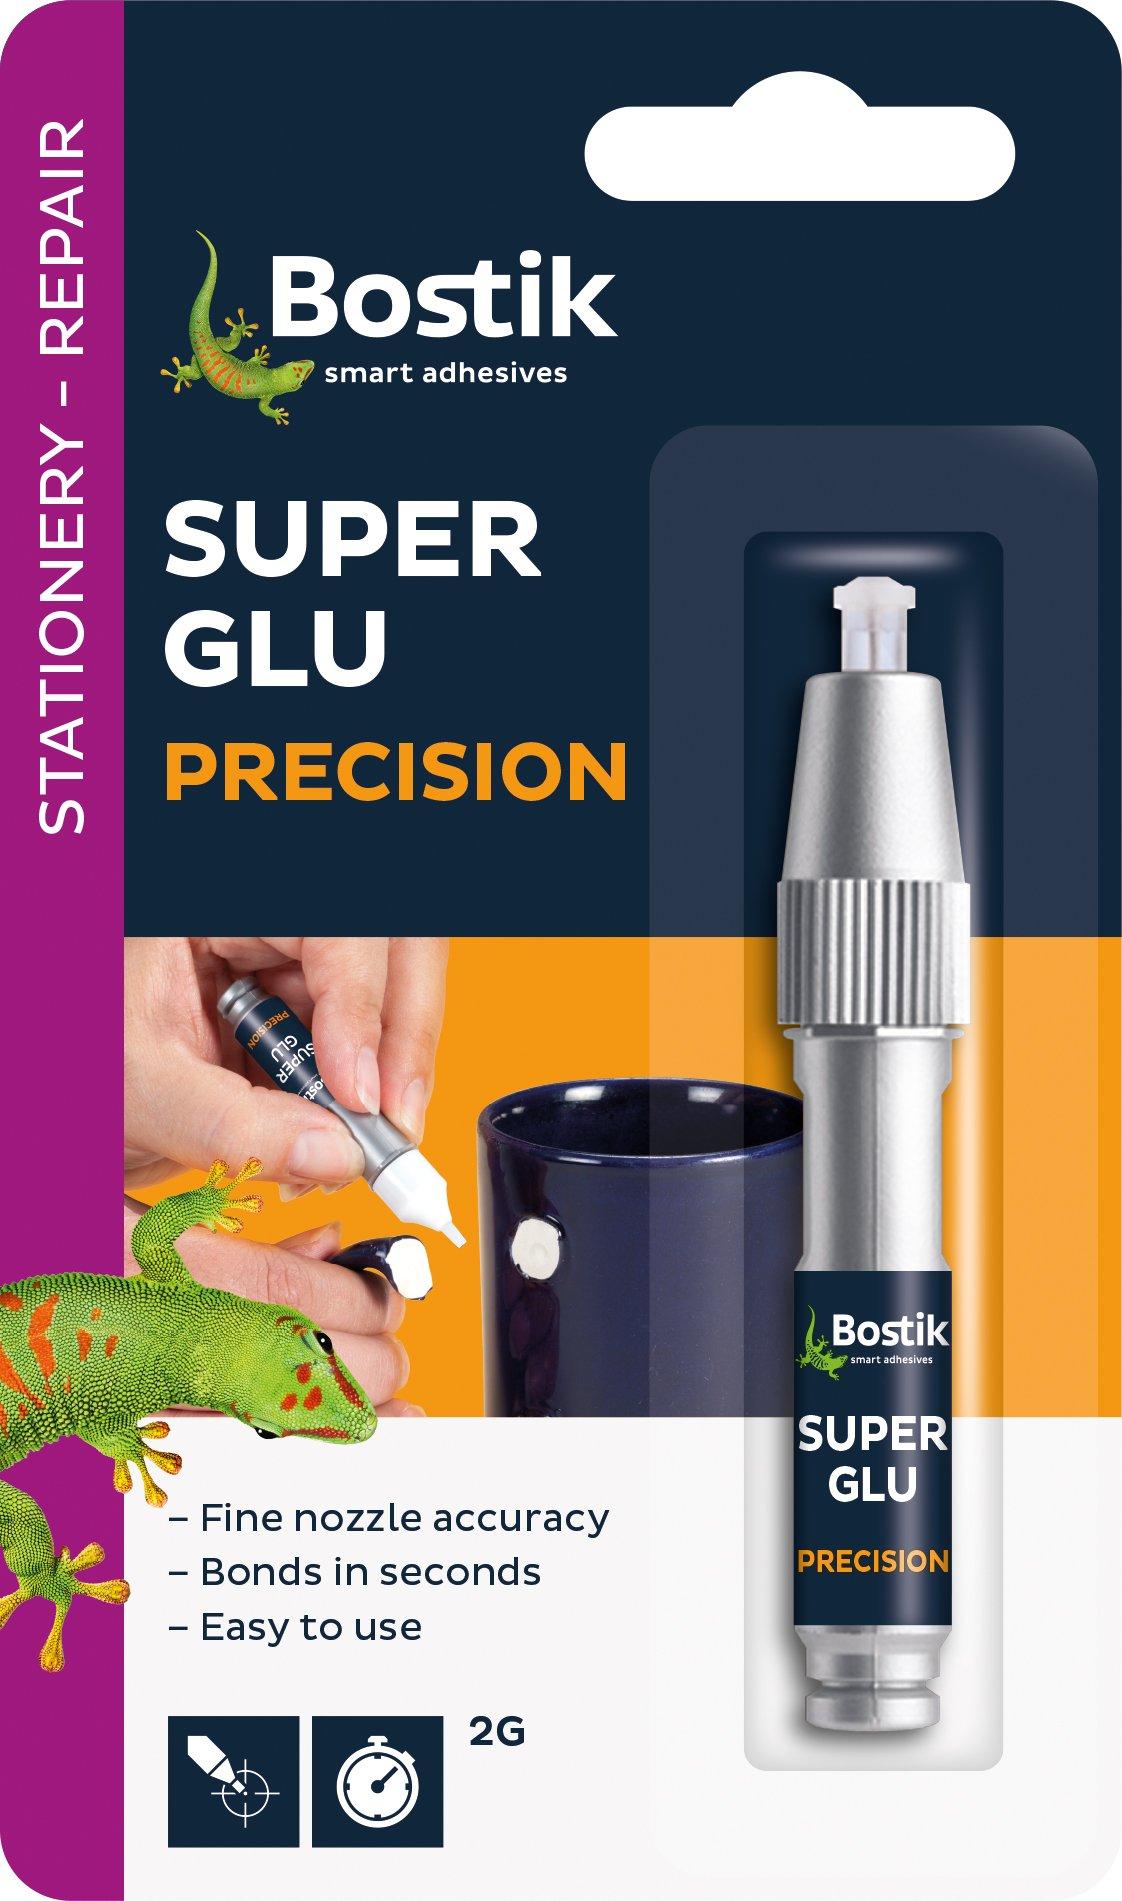 24 x Pack of Bostik Super Glue Adhesive Precision Ultra Pen 2g 80611